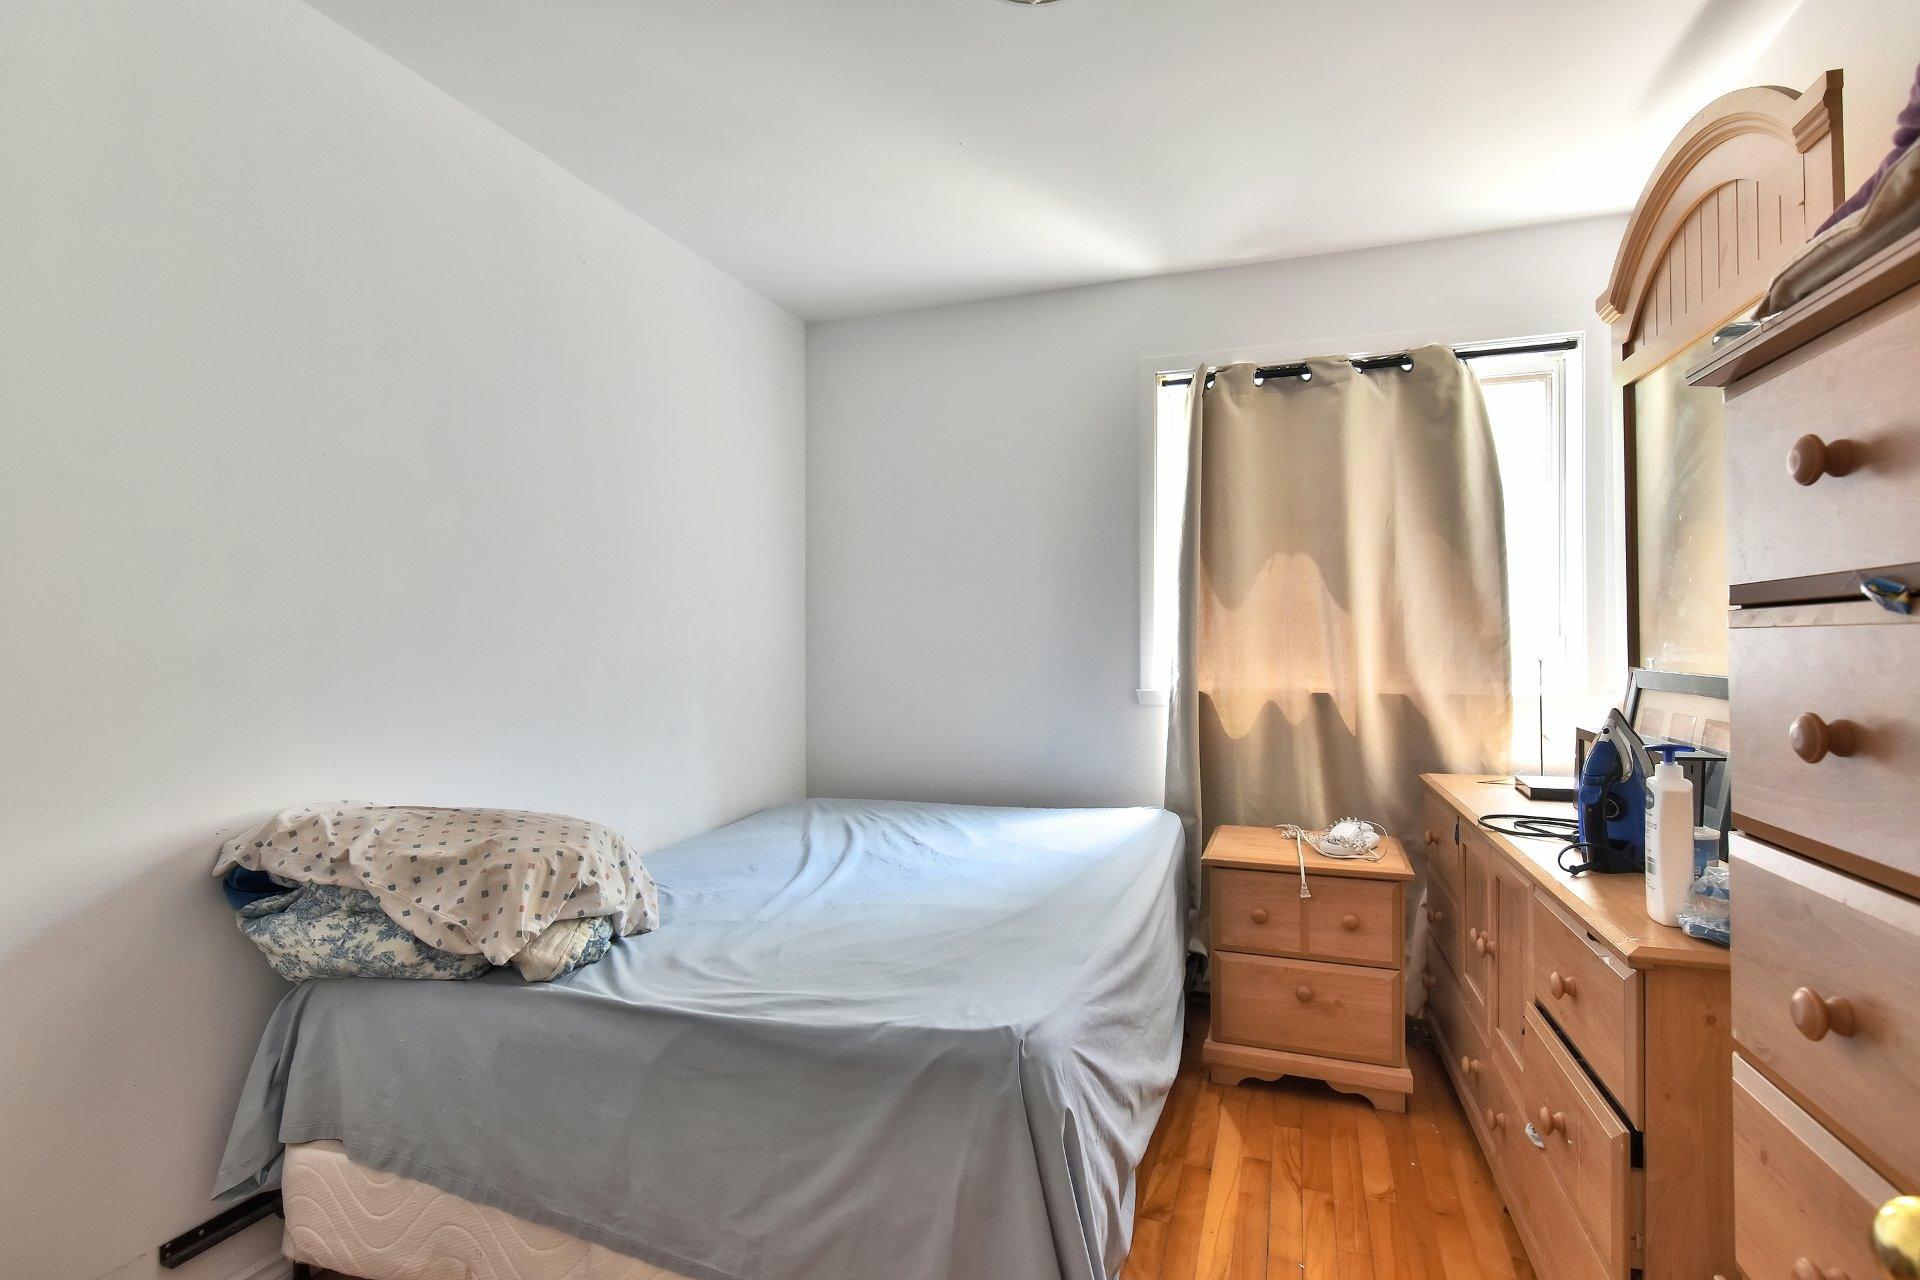 image 19 - Duplex For sale Rivière-des-Prairies/Pointe-aux-Trembles Montréal  - 5 rooms